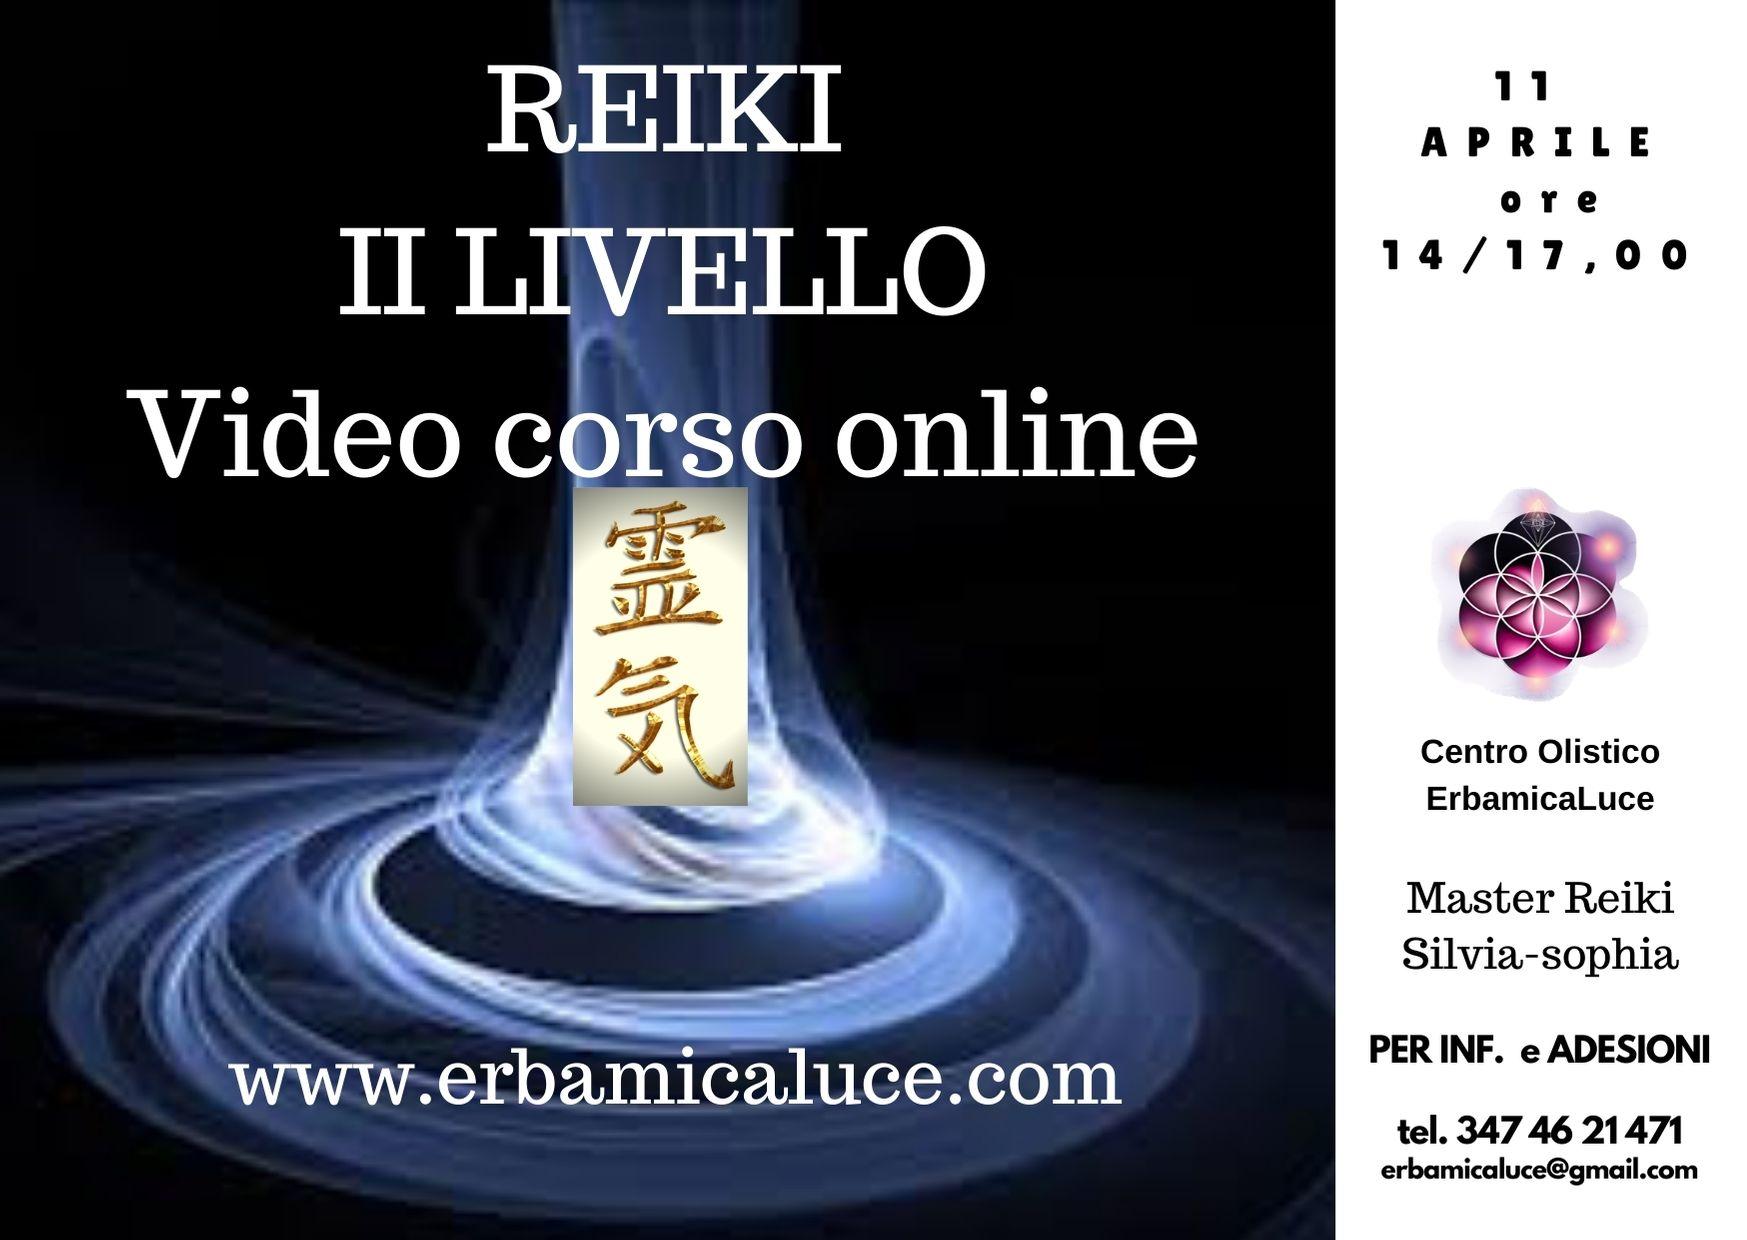 Reiki II livello Video corso